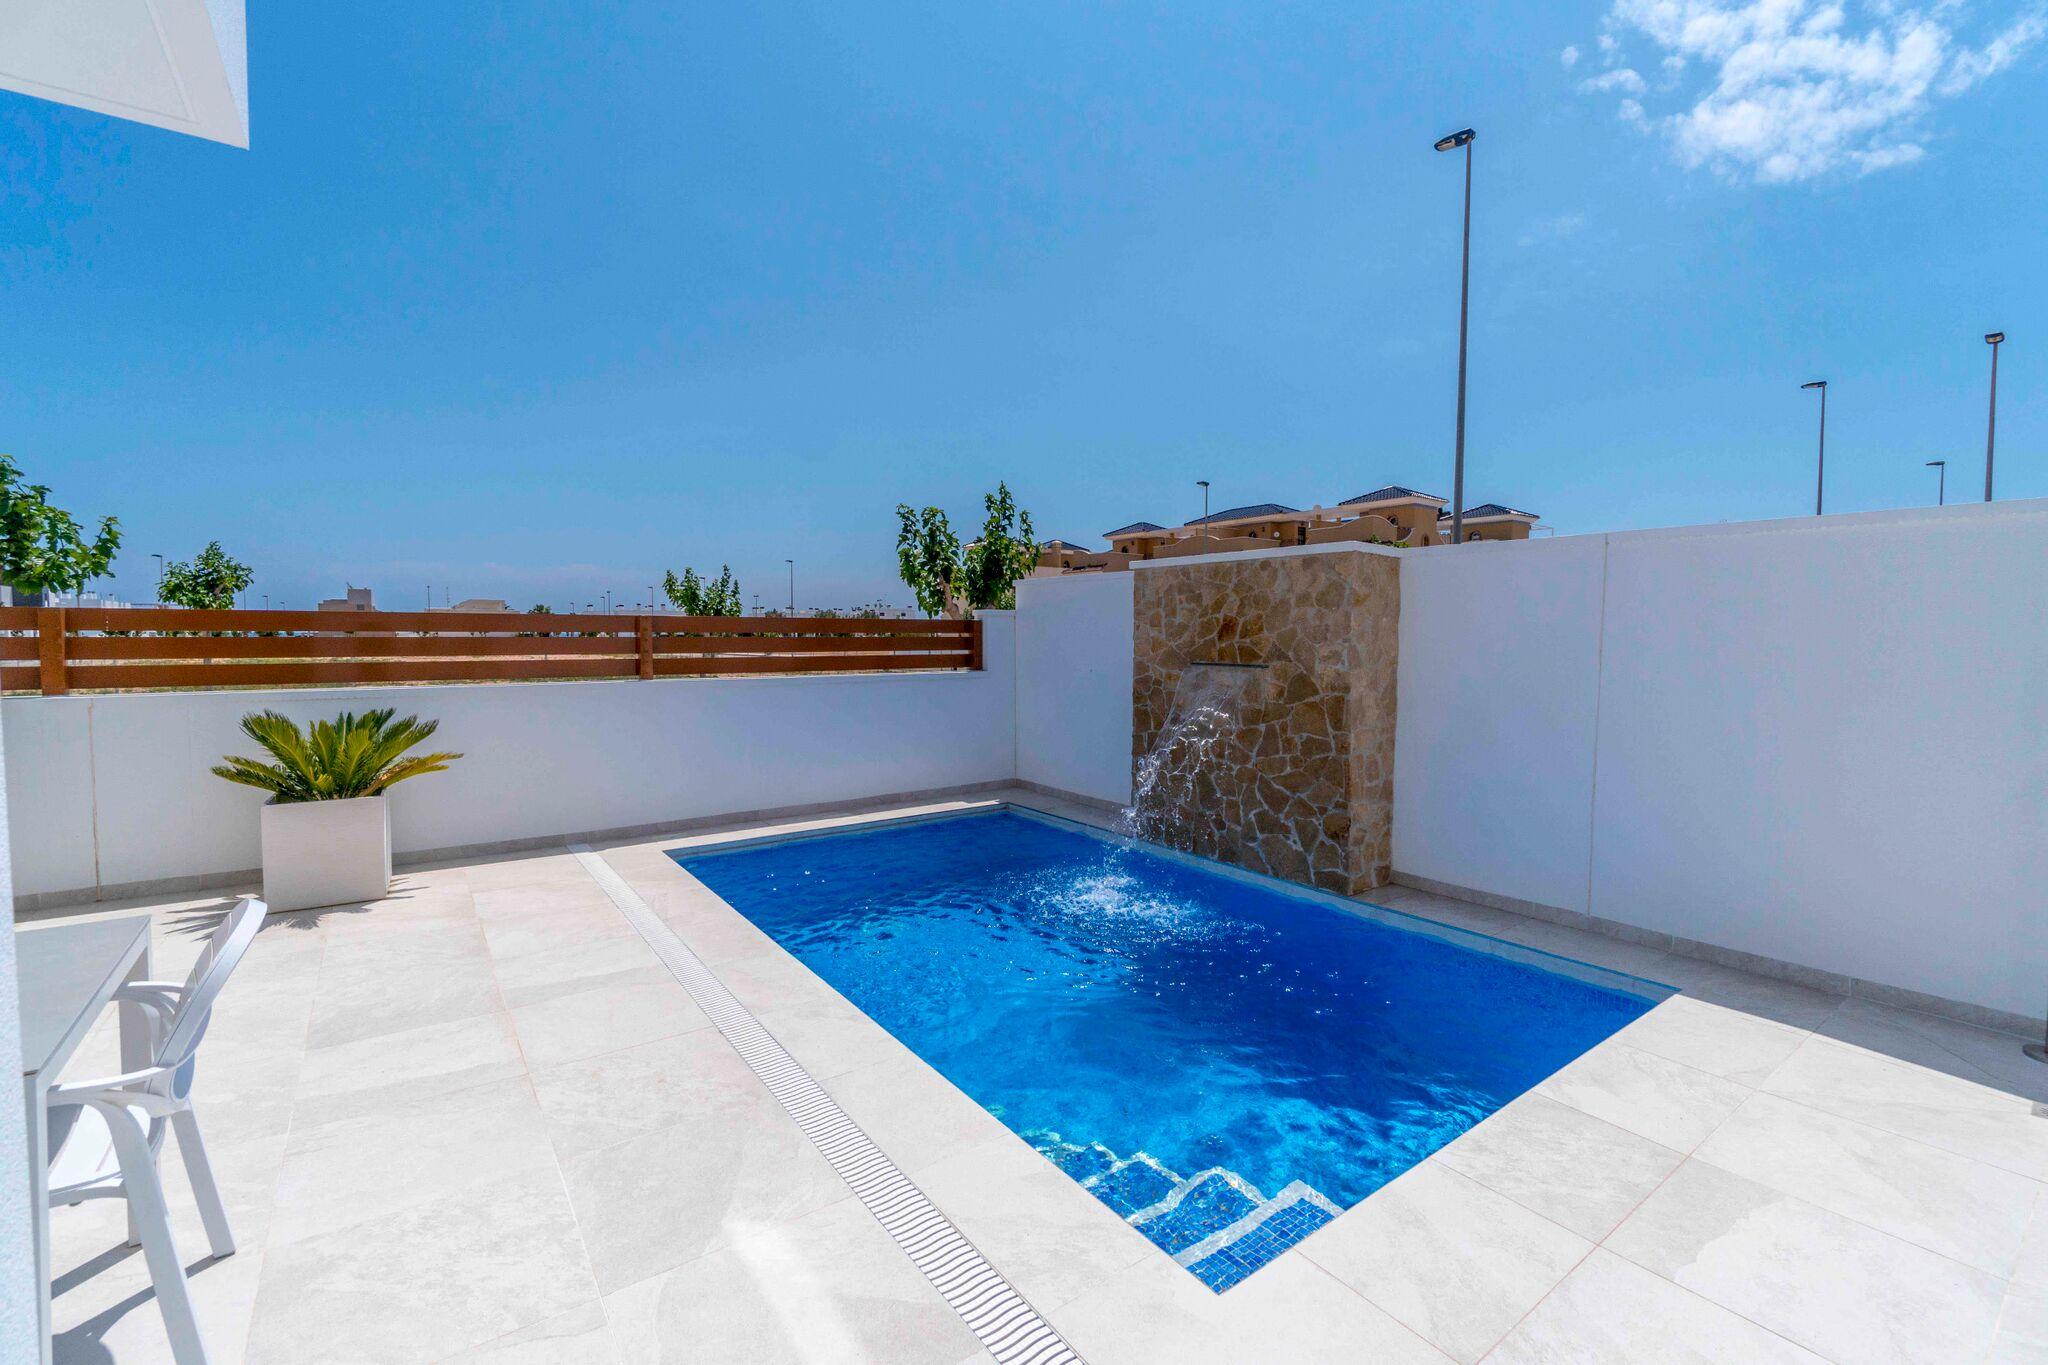 kf943252: Villa for sale in Torre de la Horadada